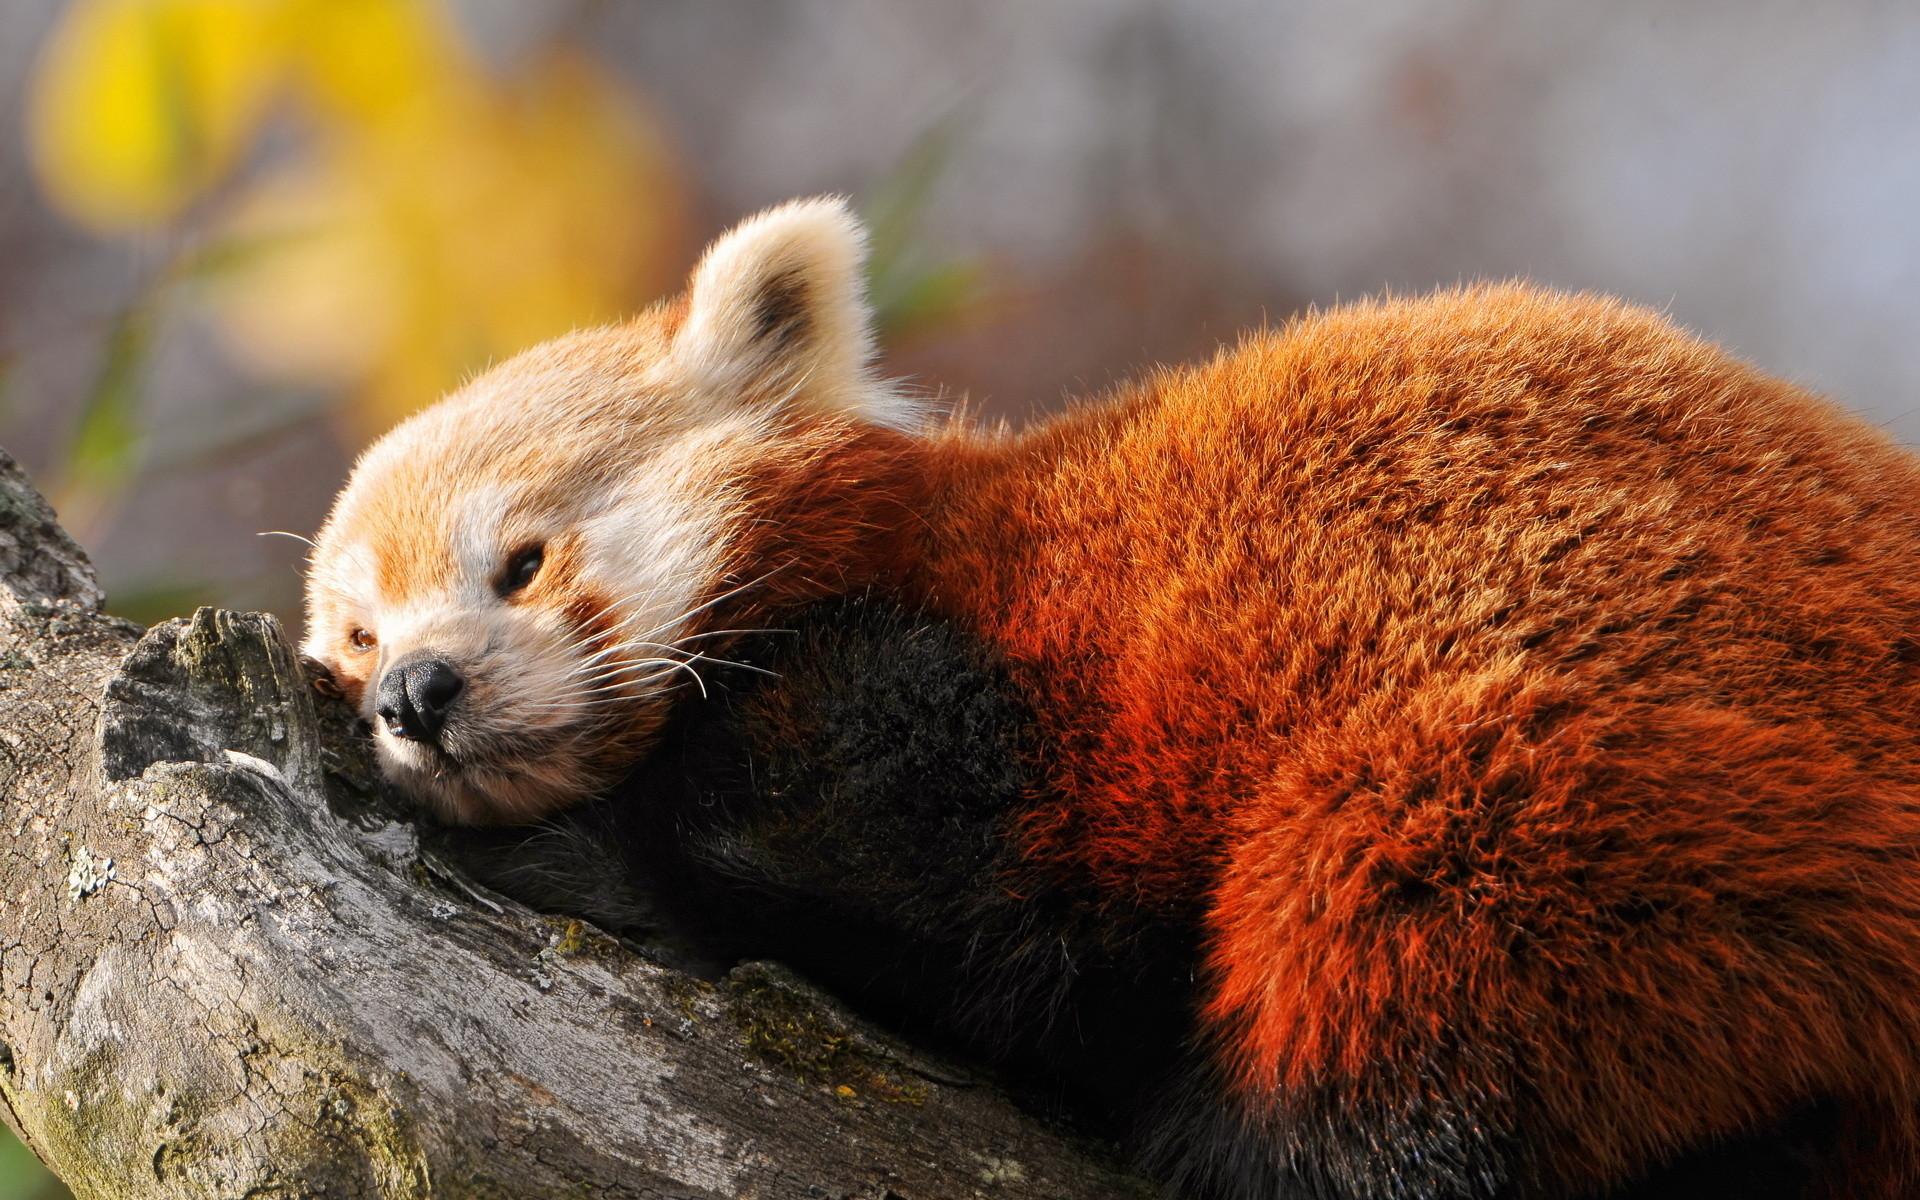 Animal – Red Panda Wallpaper